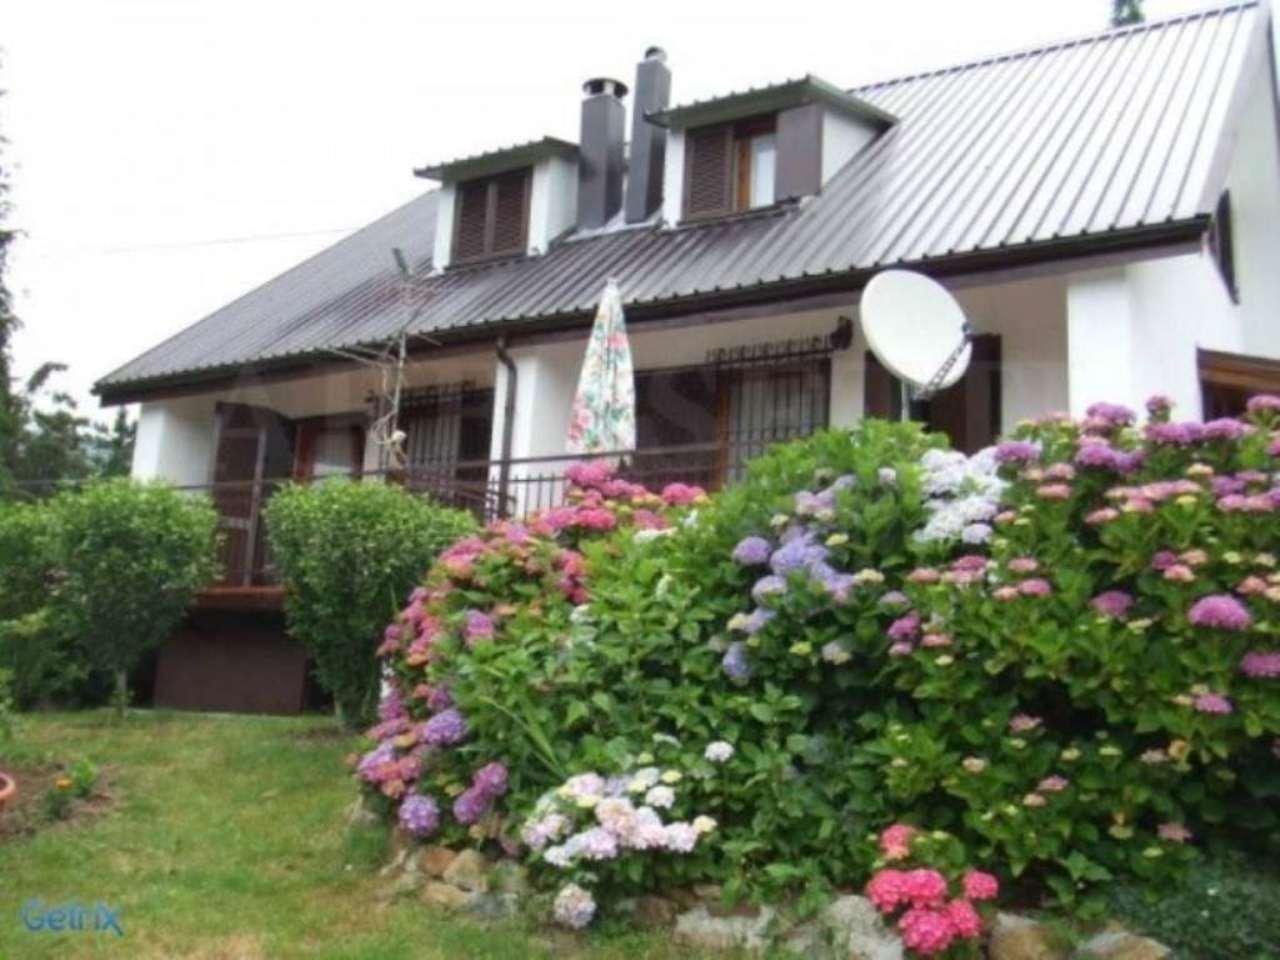 Villa in vendita a Rocchetta di Vara, 6 locali, prezzo € 150.000 | CambioCasa.it